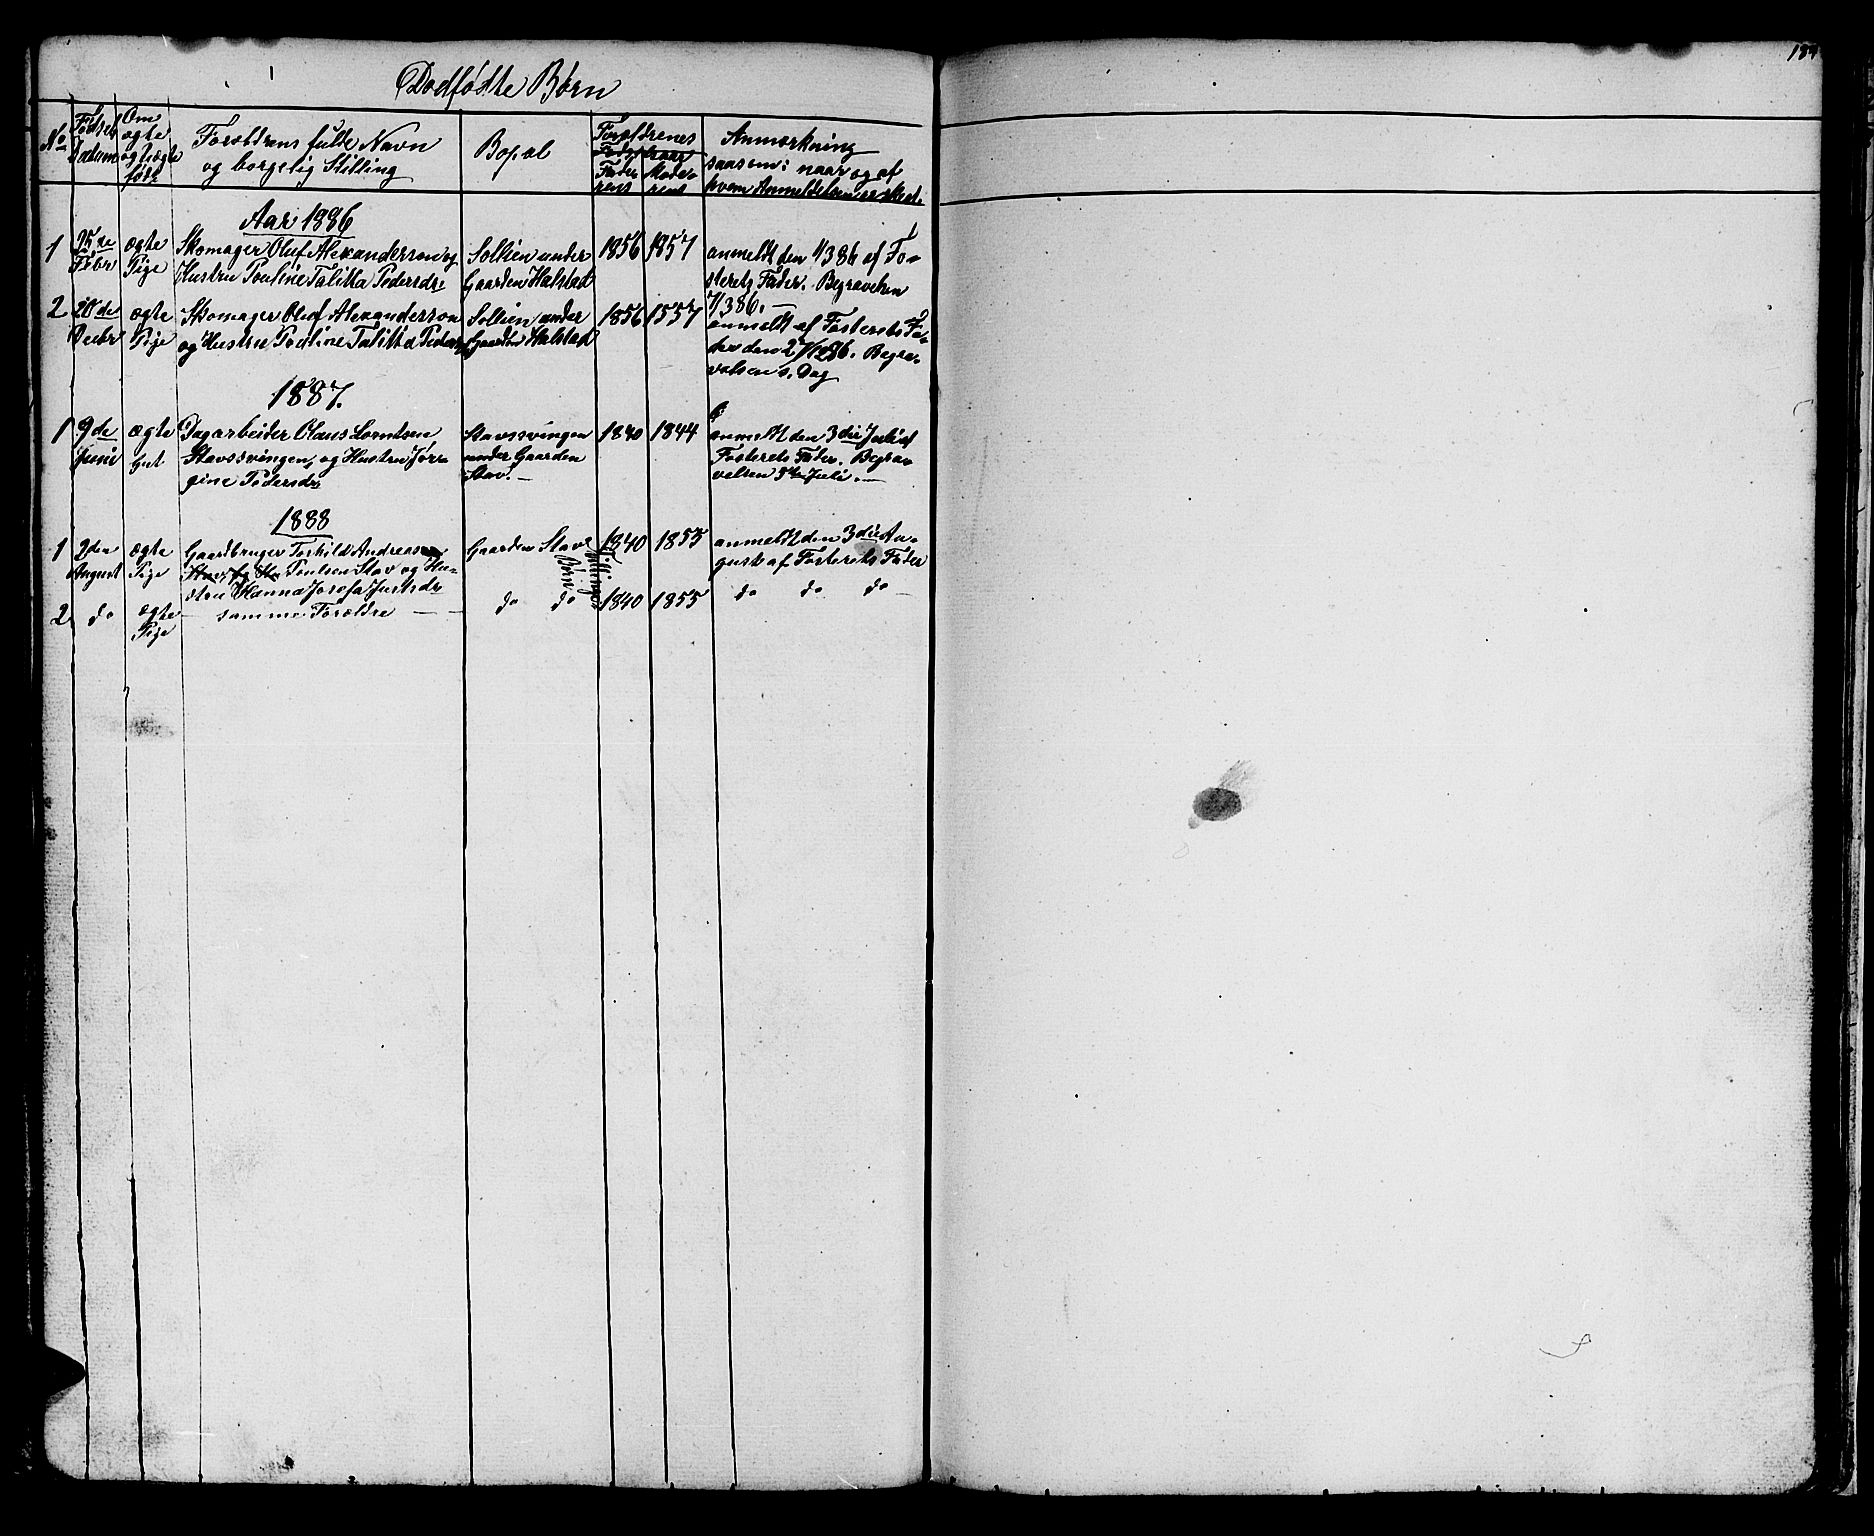 SAT, Ministerialprotokoller, klokkerbøker og fødselsregistre - Sør-Trøndelag, 616/L0422: Klokkerbok nr. 616C05, 1850-1888, s. 184